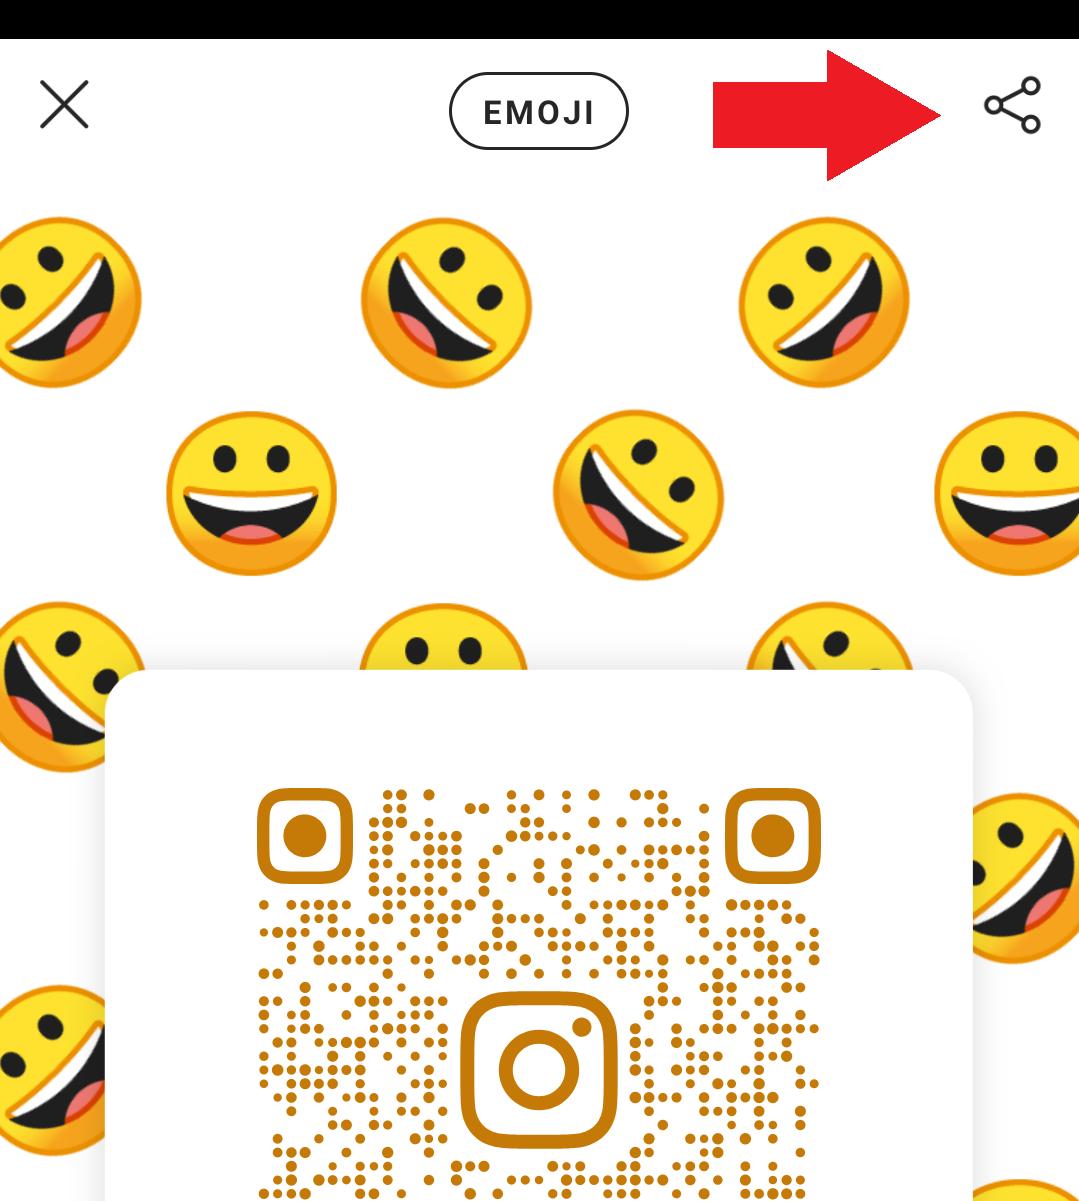 cara membagikan tautatan profil ig sendiri